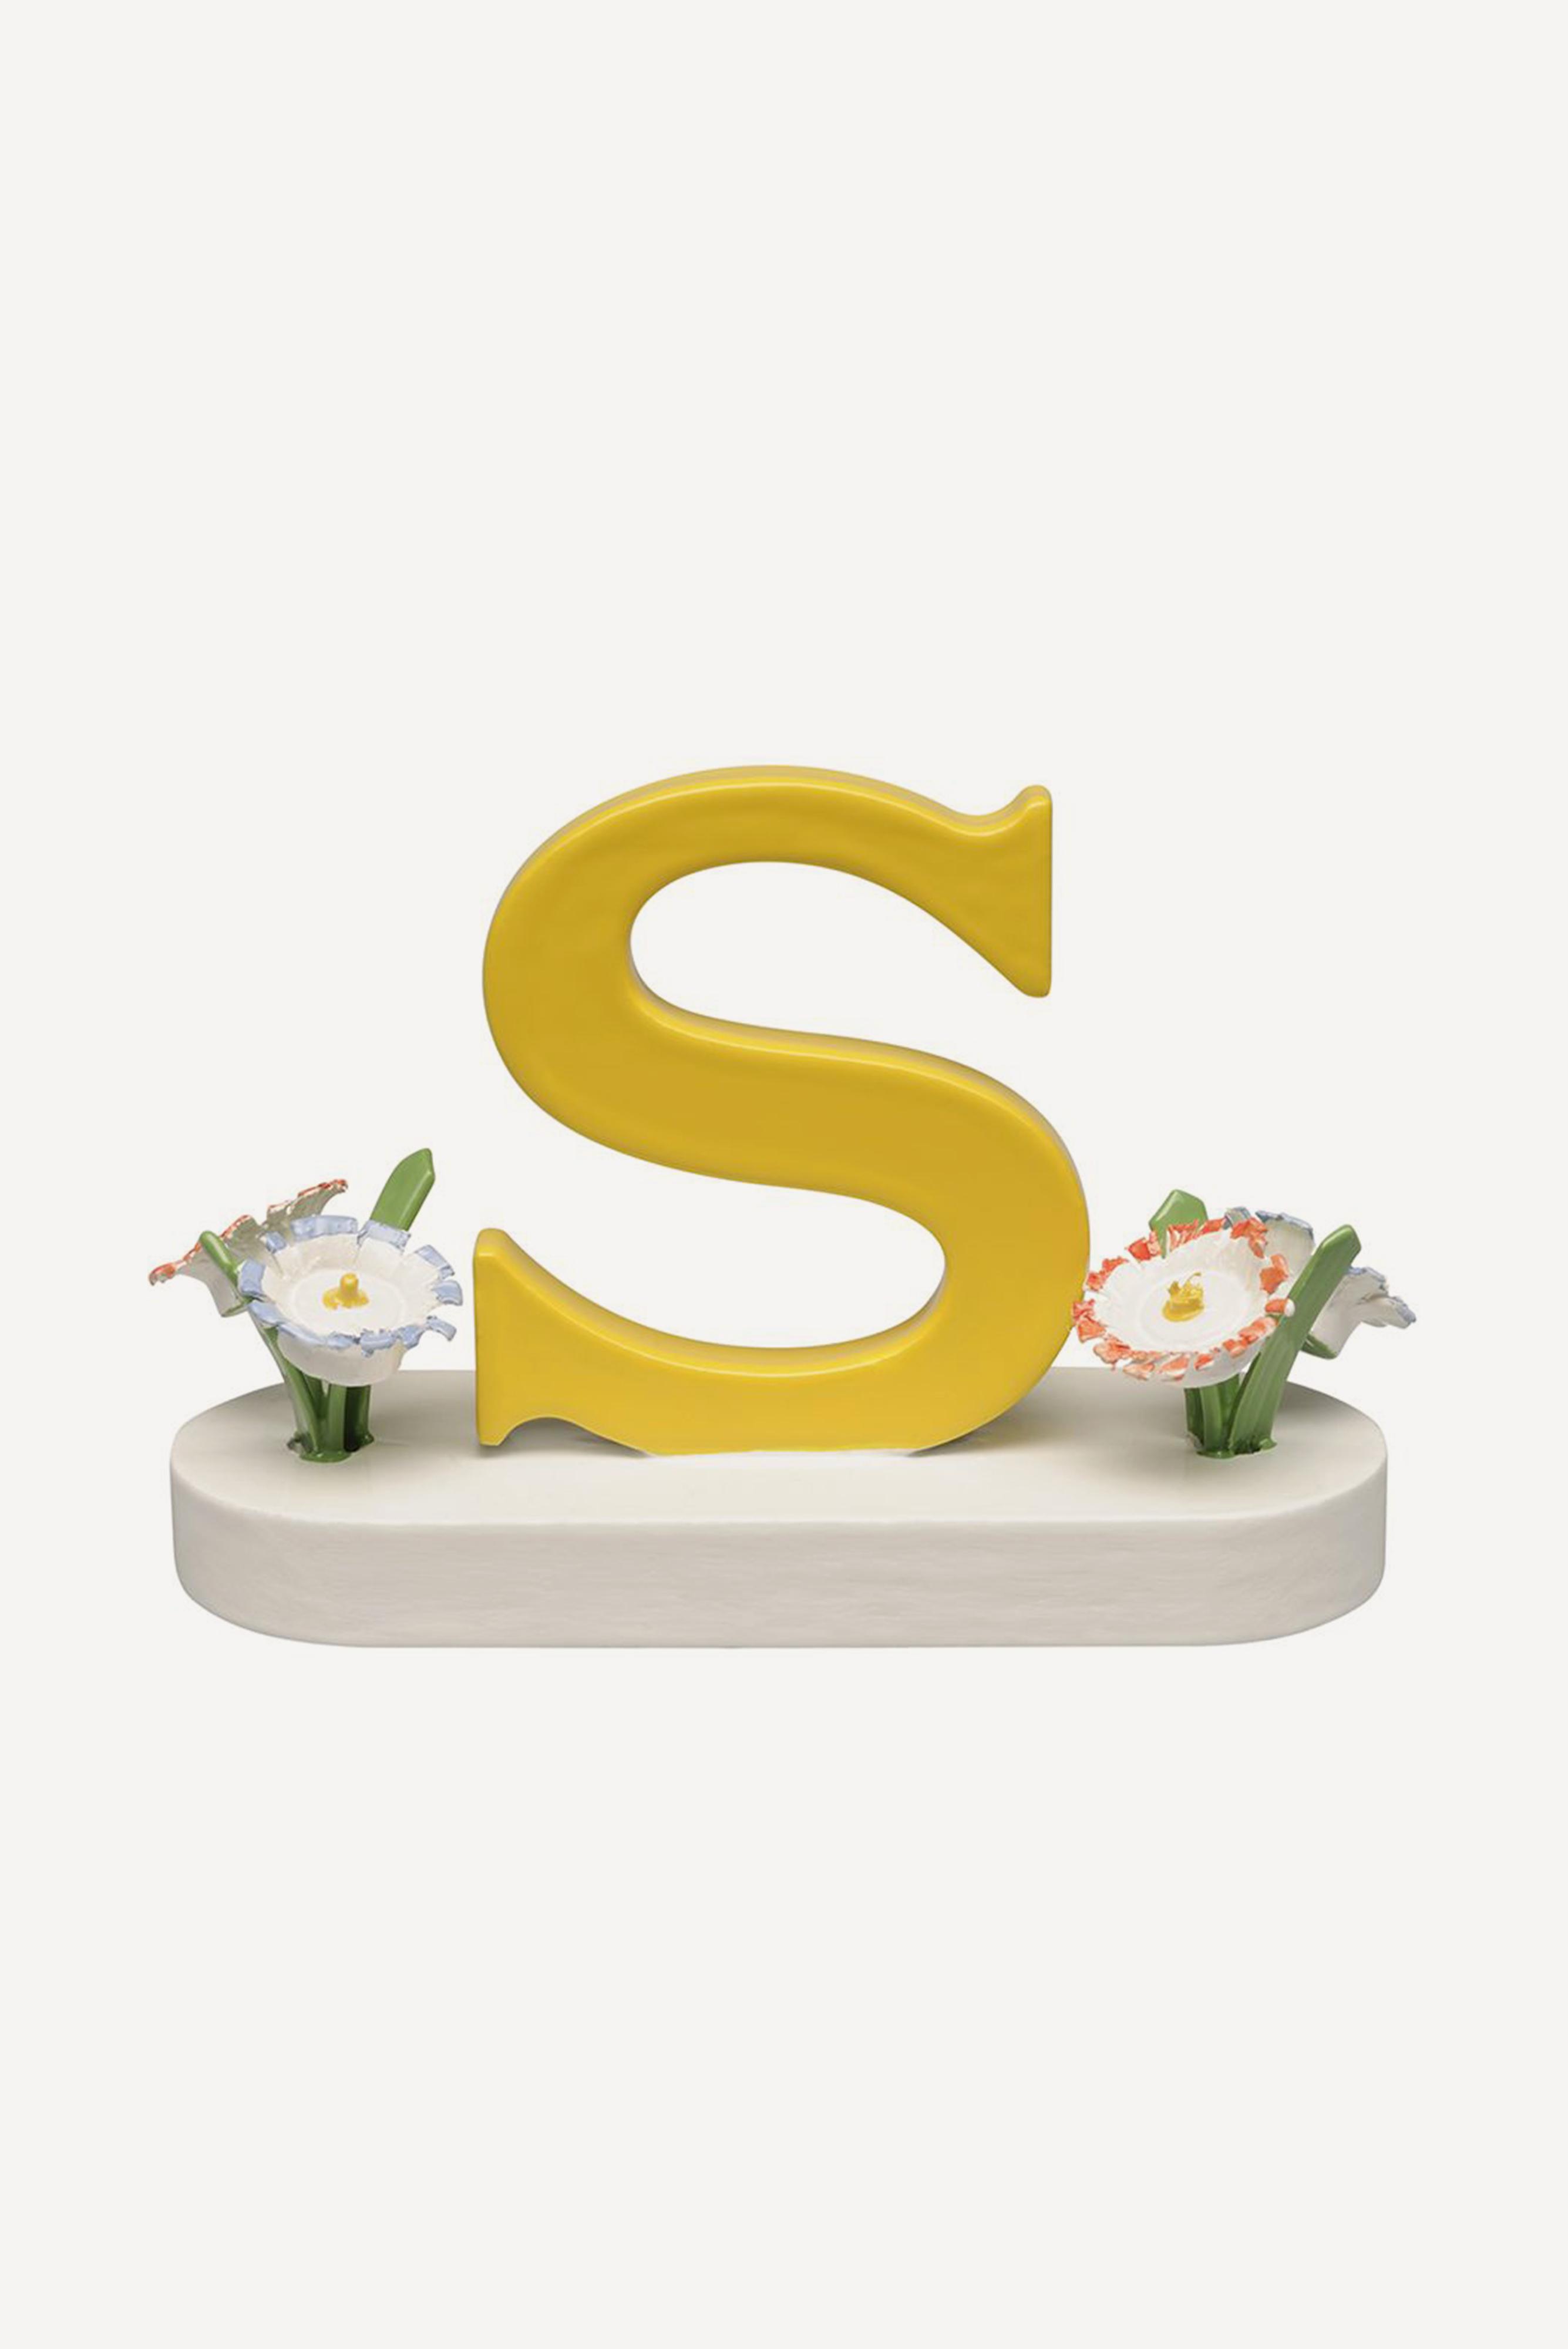 Buchstabe S, mit Blumen